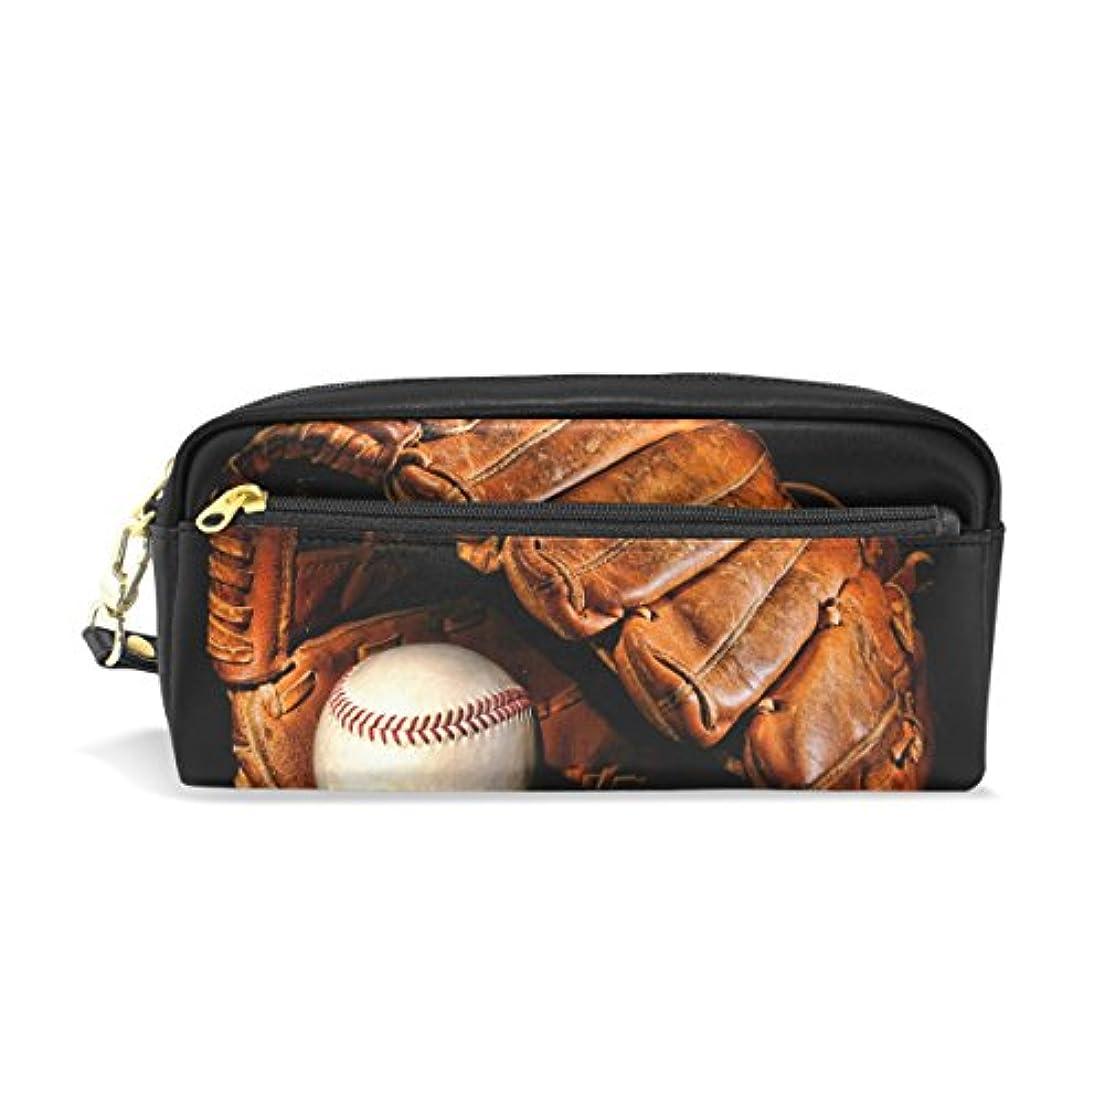 船尾ハードウェアフィールドAOMOKI ペンケース 化粧ポーチ 小物入り 多機能 レディース 野球 黒 ボール